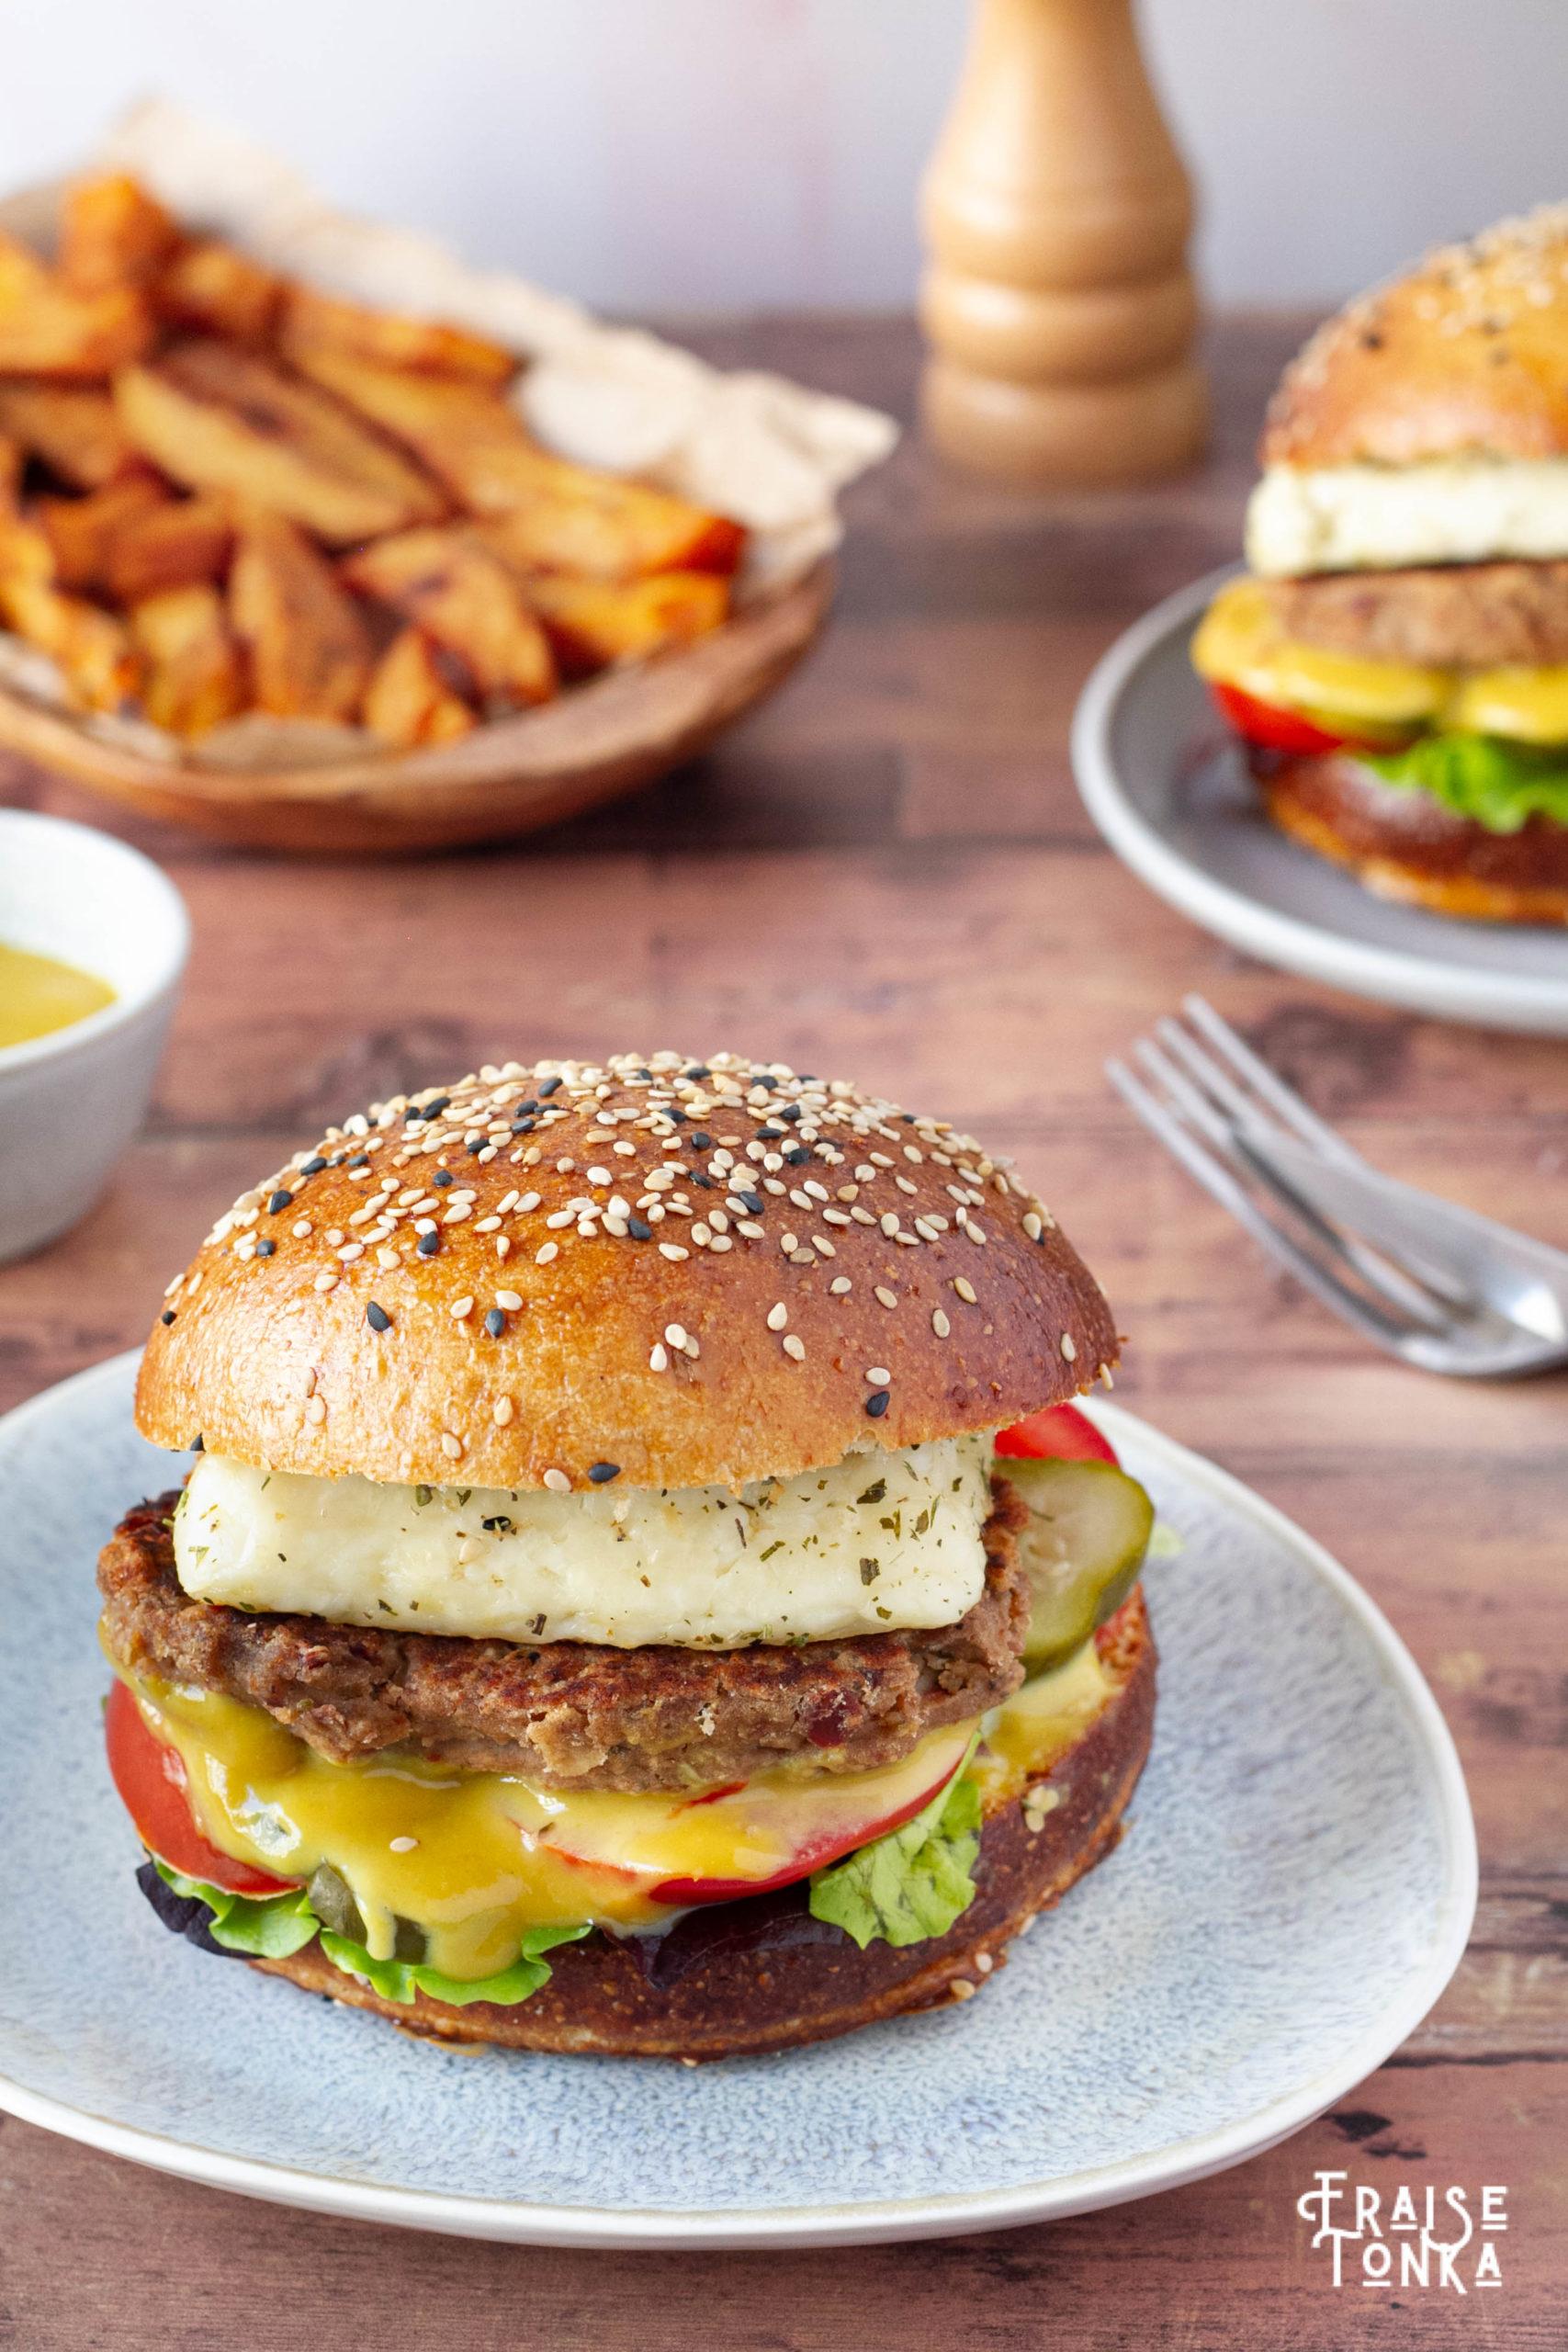 Burger_steak_vegetarien_haricots_rouges_recette_photo_culiinaire_photographe